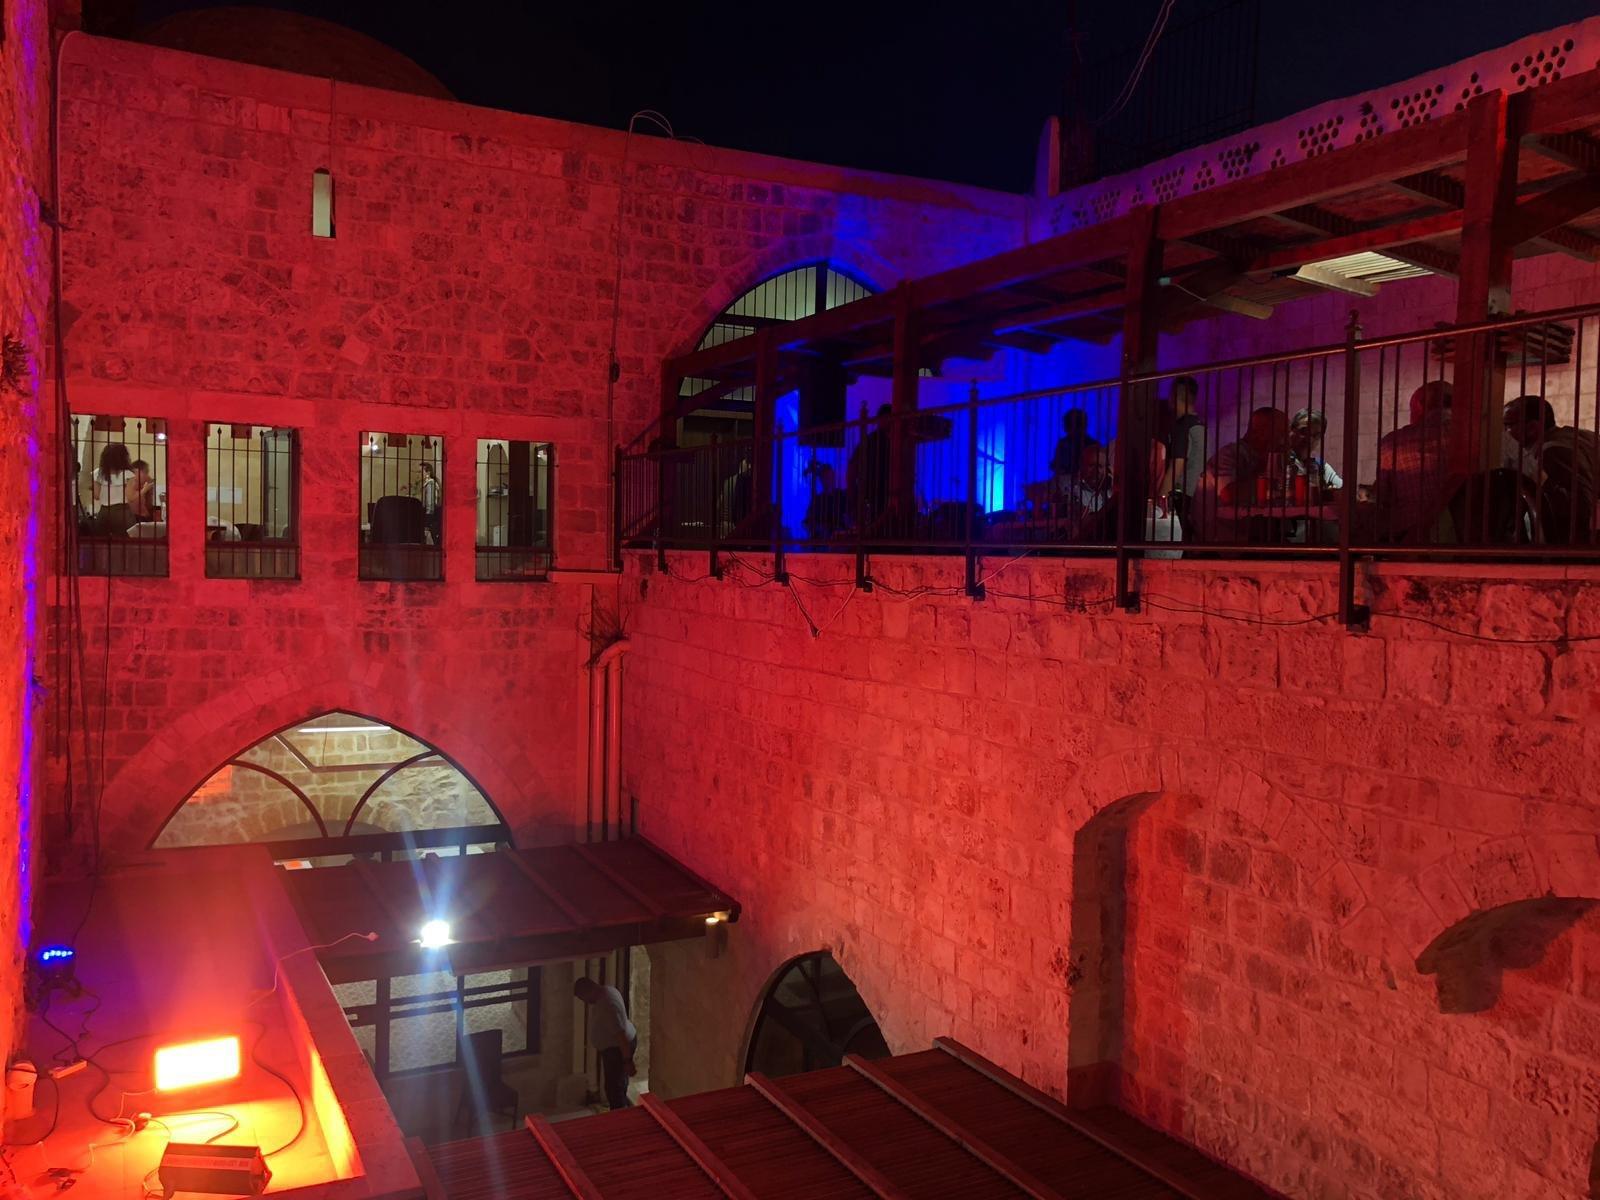 القدس تحتضن الداخل الفلسطيني في إفطار مهيب نظمه صندوق ووقفية القدس